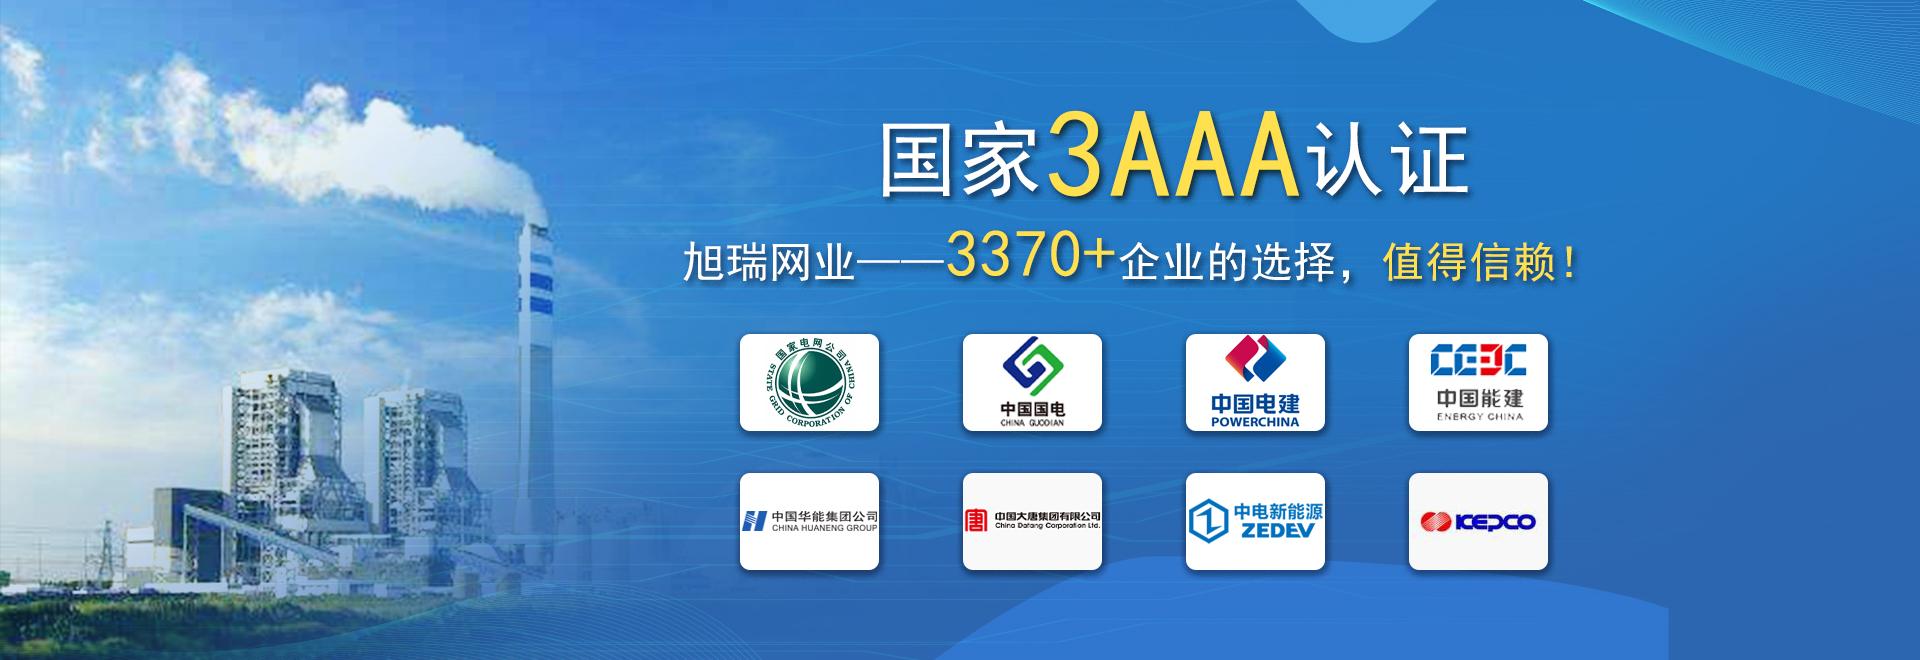 旭瑞网业-国家3AAA认证